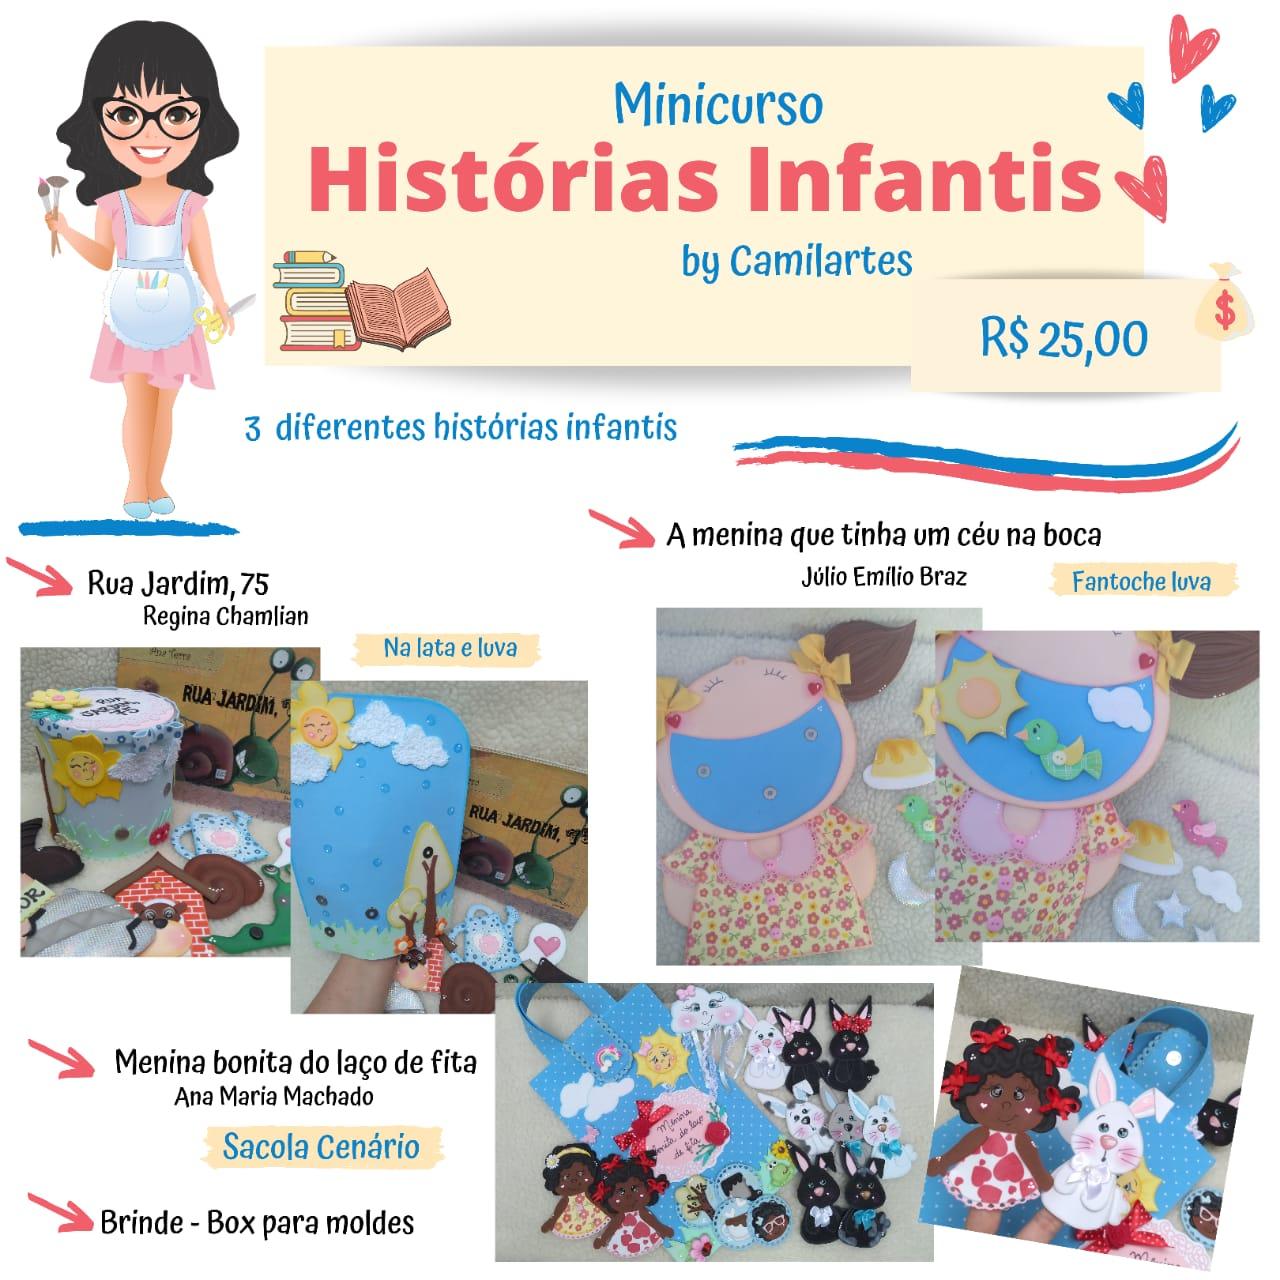 Mini Curso Histórias Infantis Camilarts